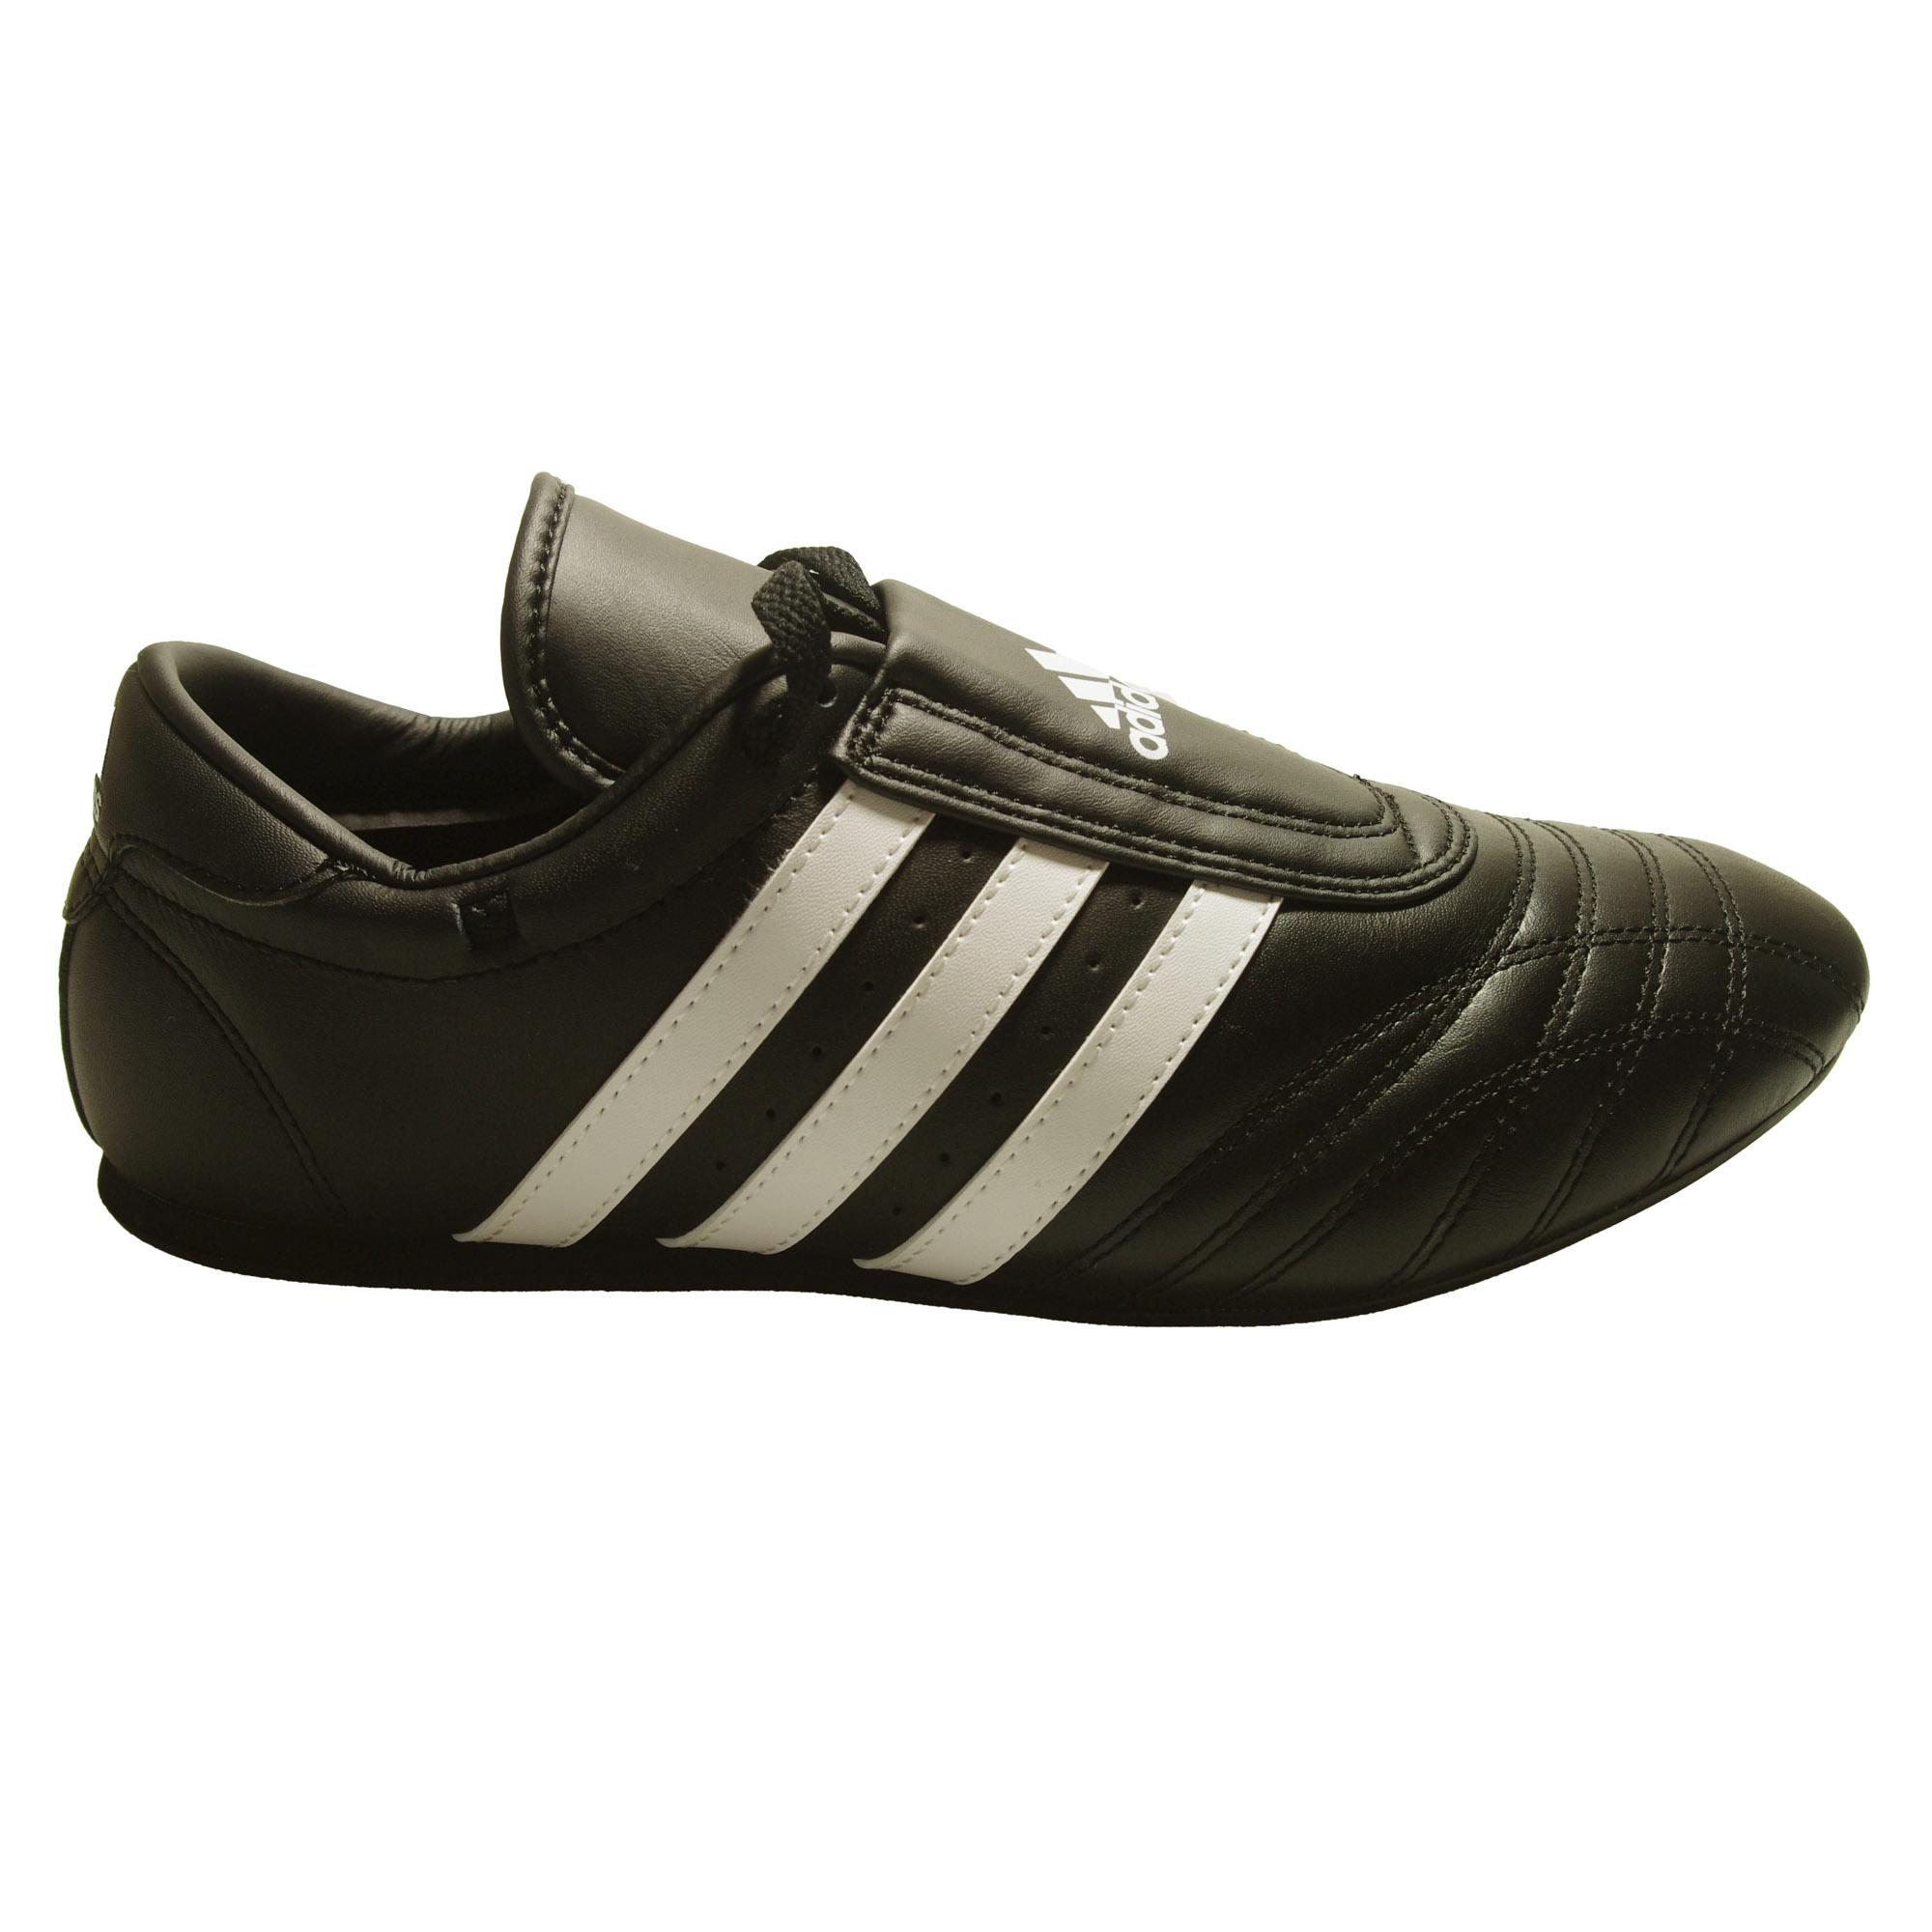 1101198177d Adidas ADI-SM II taekwondo schoenen (zwart) | Karate schoenen ...